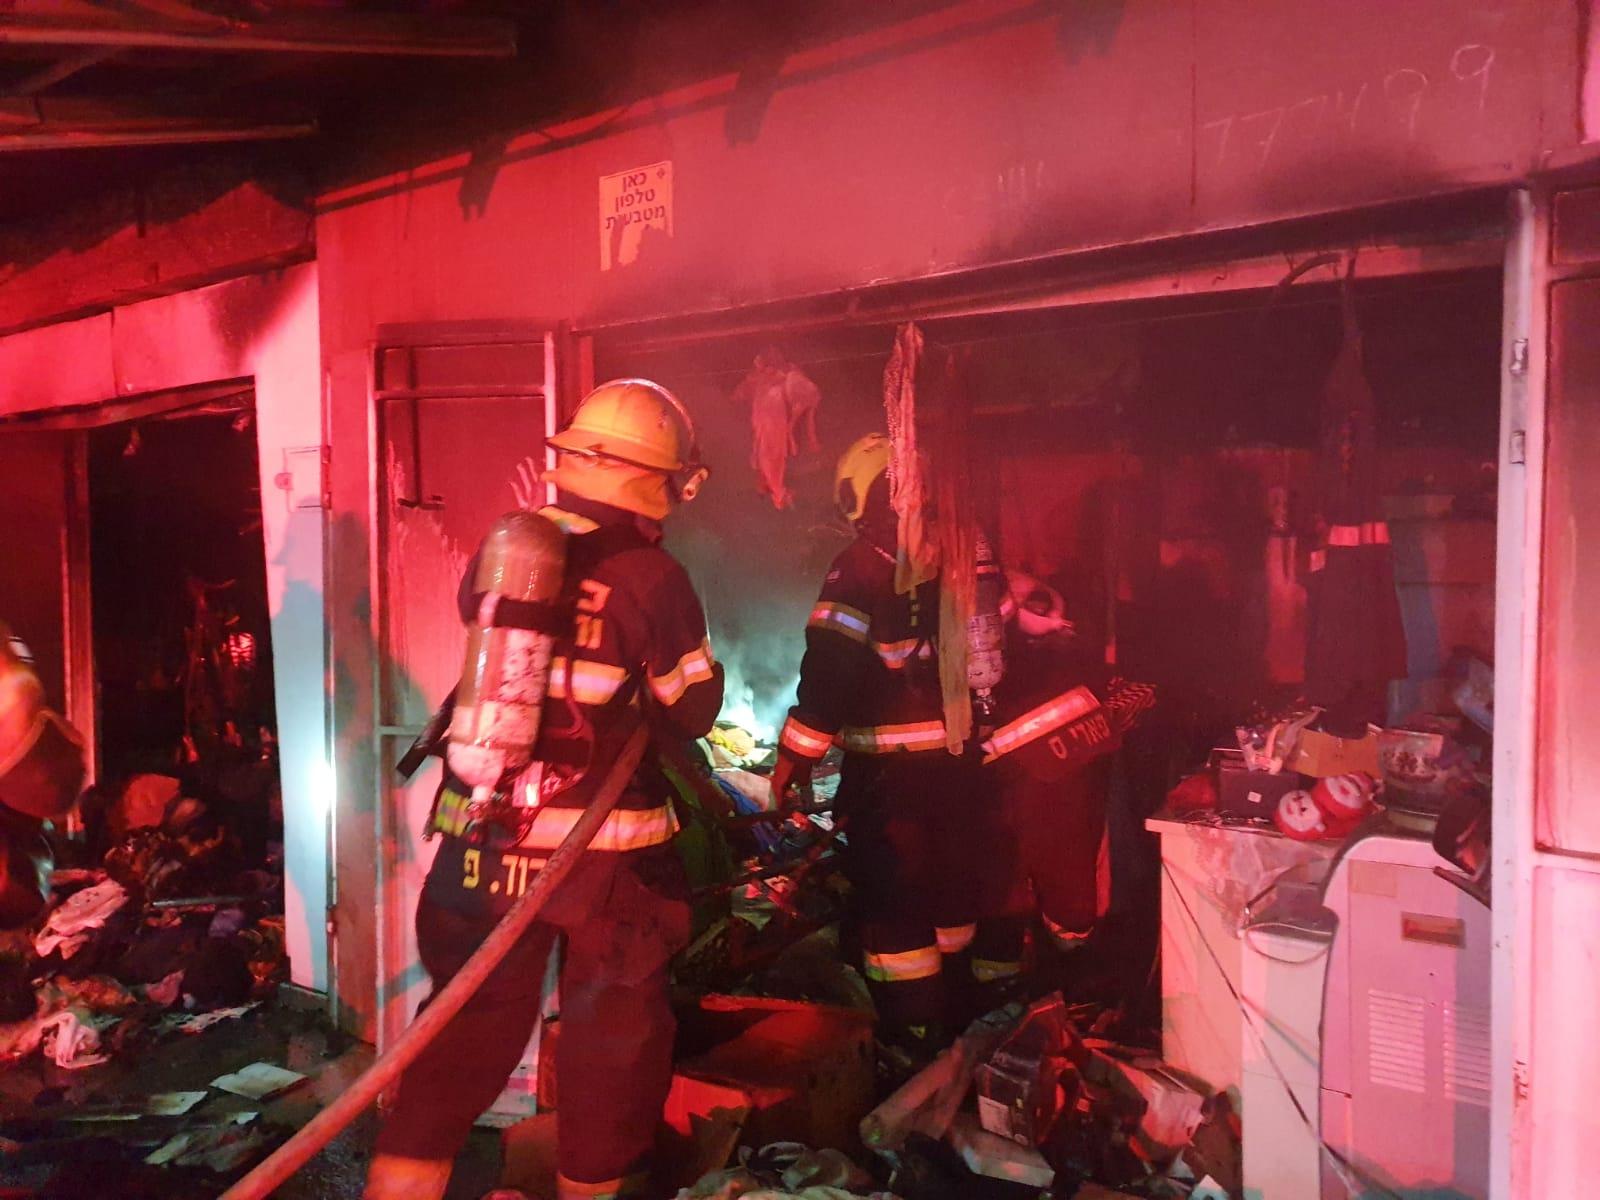 השריפה בהדר (צילום: דוברות שירותי הכבאות וההצלה)